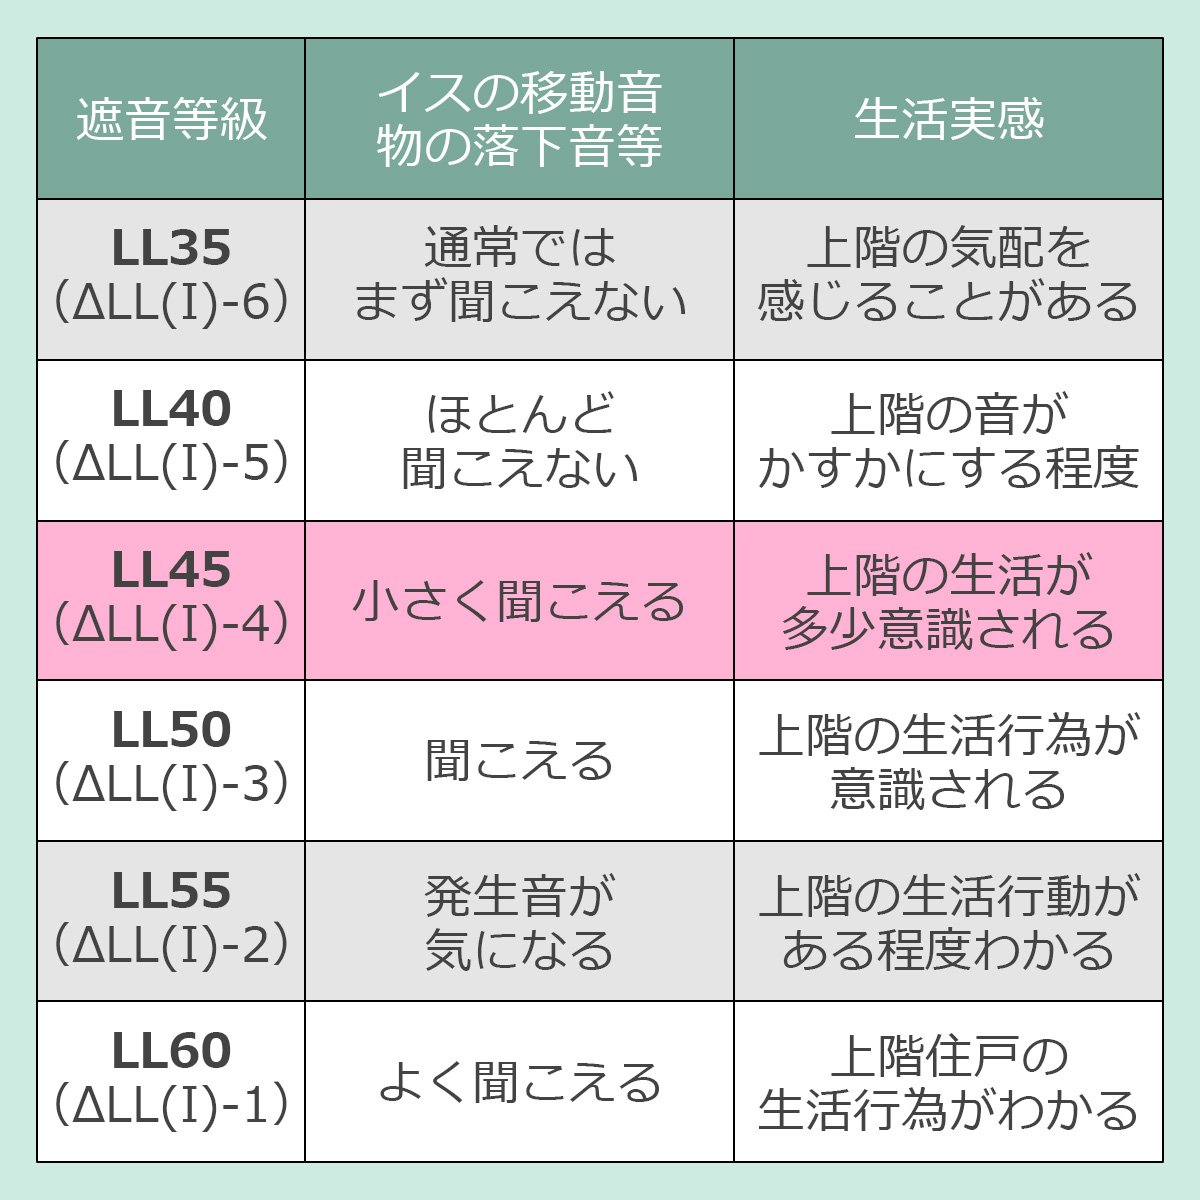 遮音等級とその効果 LL45(デルタLL(I)4) イスの移動音・物の落下音等…小さく聞こえる 生活実感…上階の生活が多少意識される